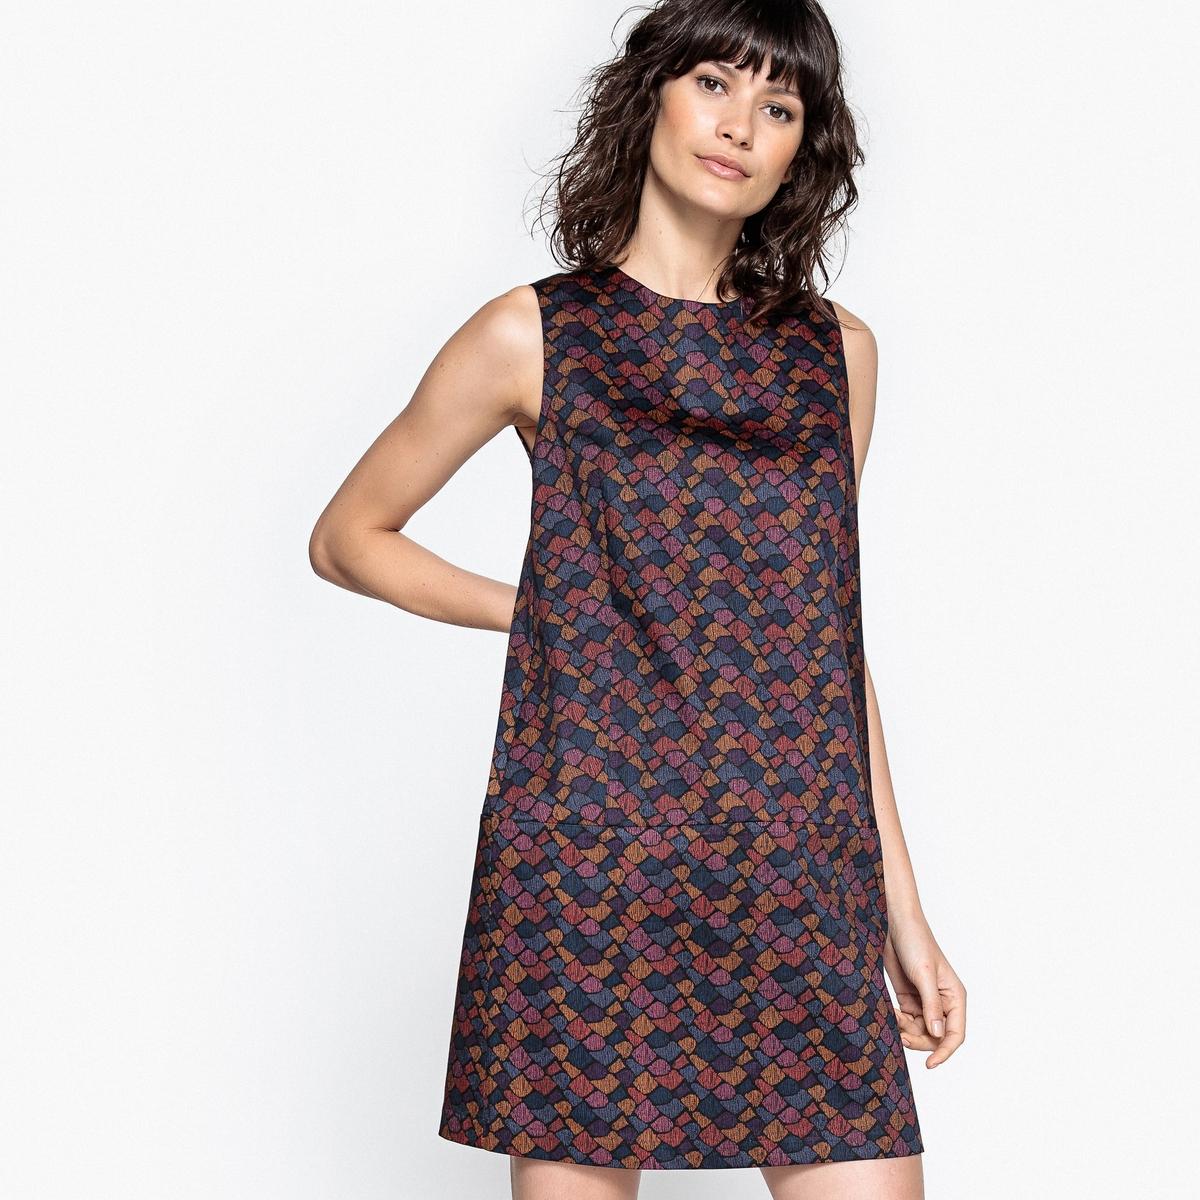 Платье прямое из хлопка с разноцветным рисунком